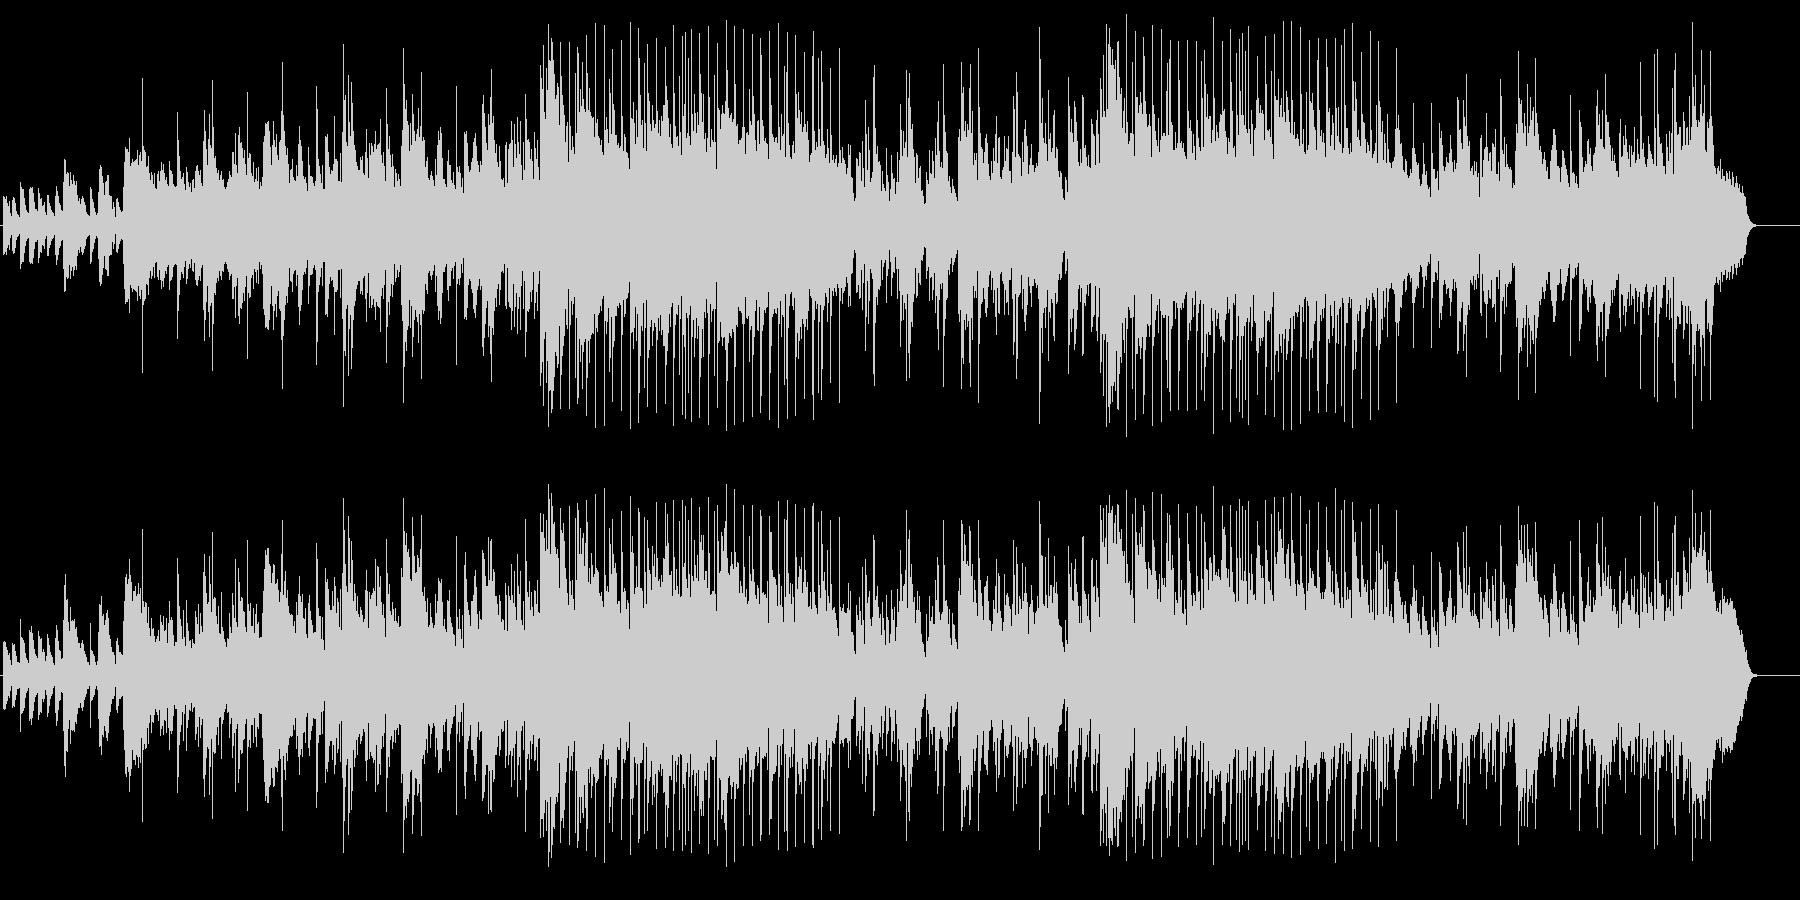 ミッドナイト風シリアス・バラードの未再生の波形